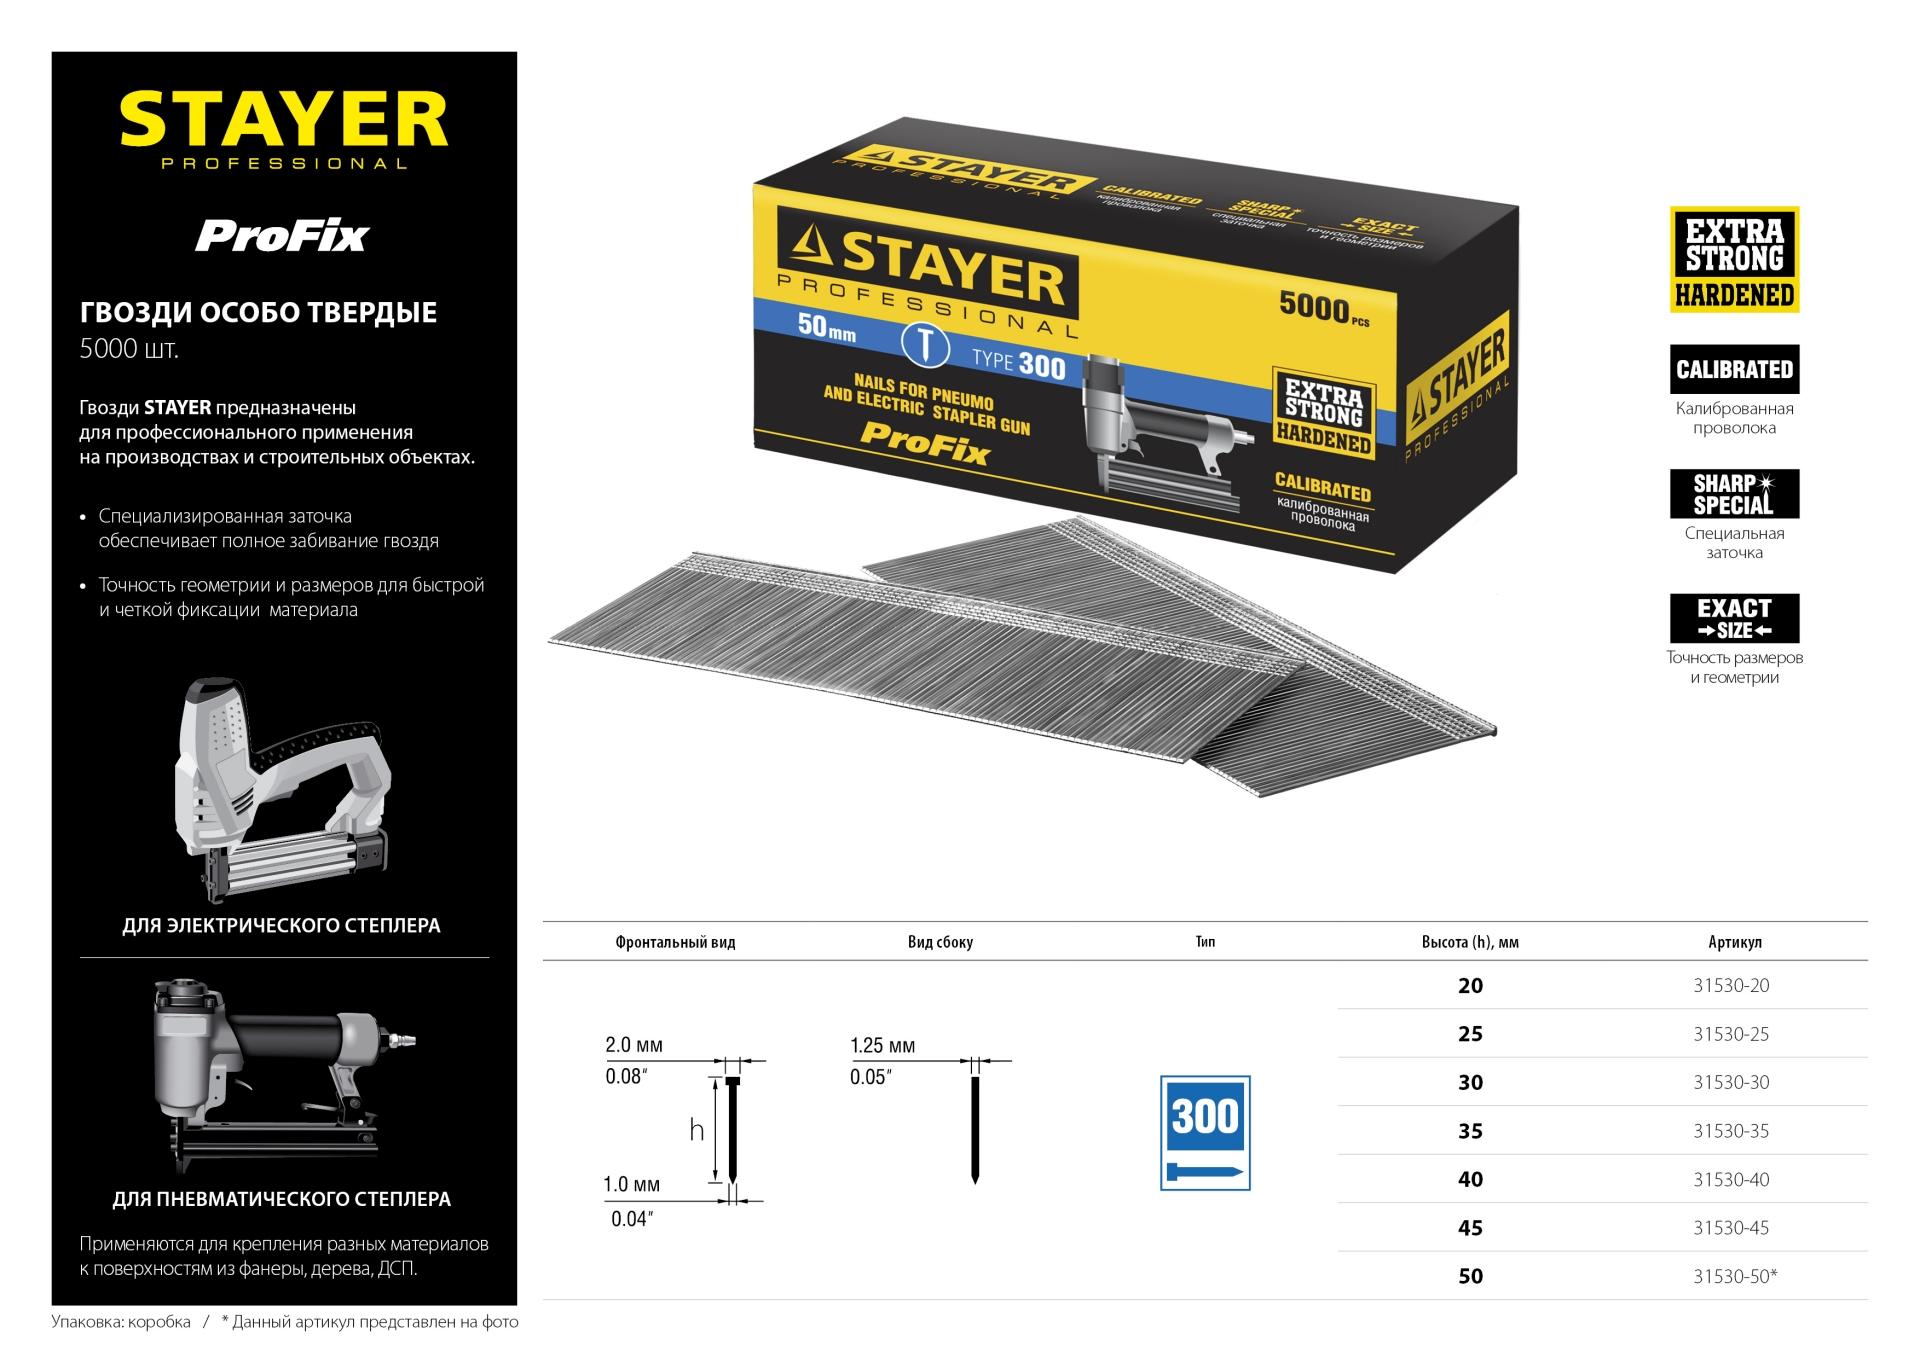 Фото STAYER 25 мм гвозди для нейлера тип 300, 5000 шт {31530-25} (1)